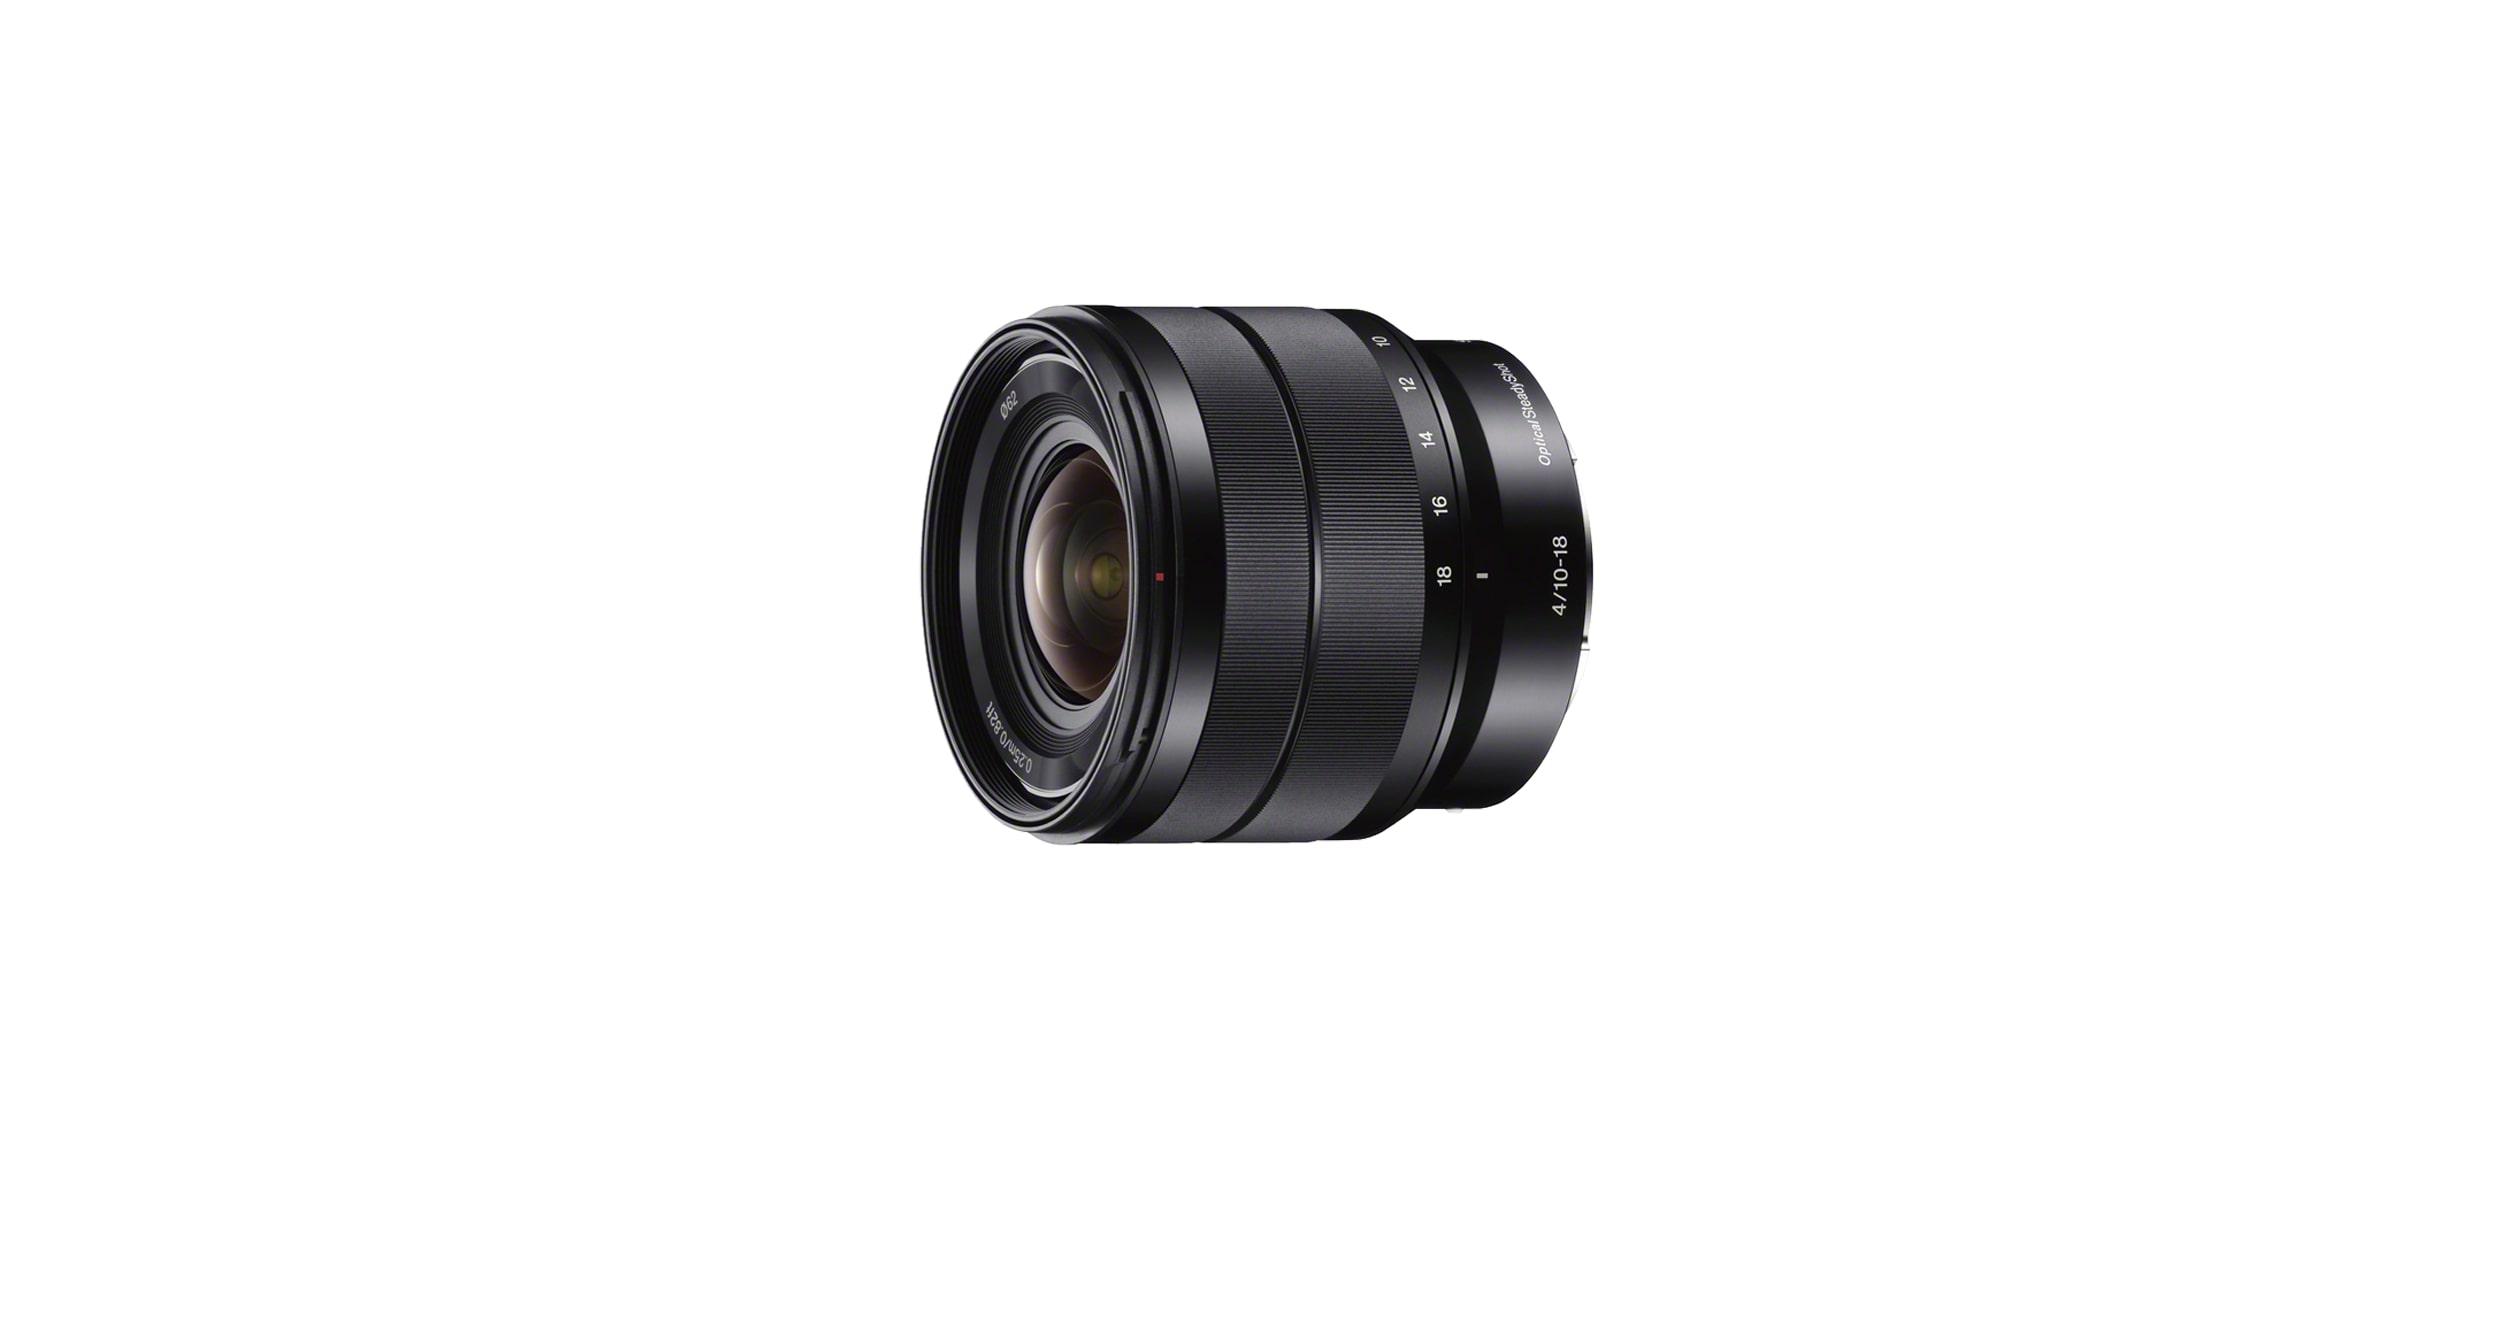 E 10 - 18 mm F4 OSS | SEL1018 | Sony DE